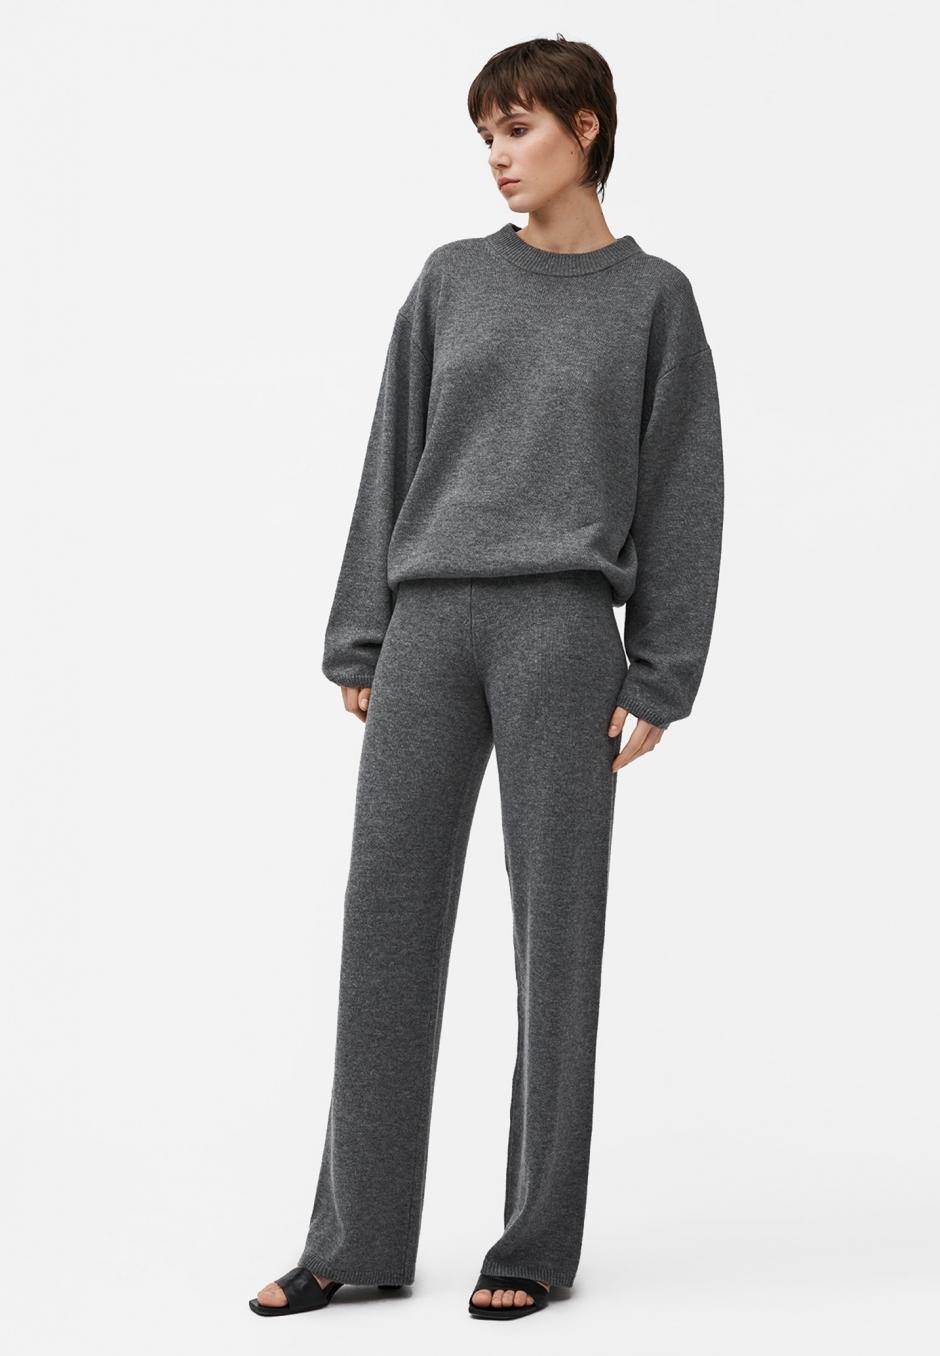 Stylein Ruphert Trousers